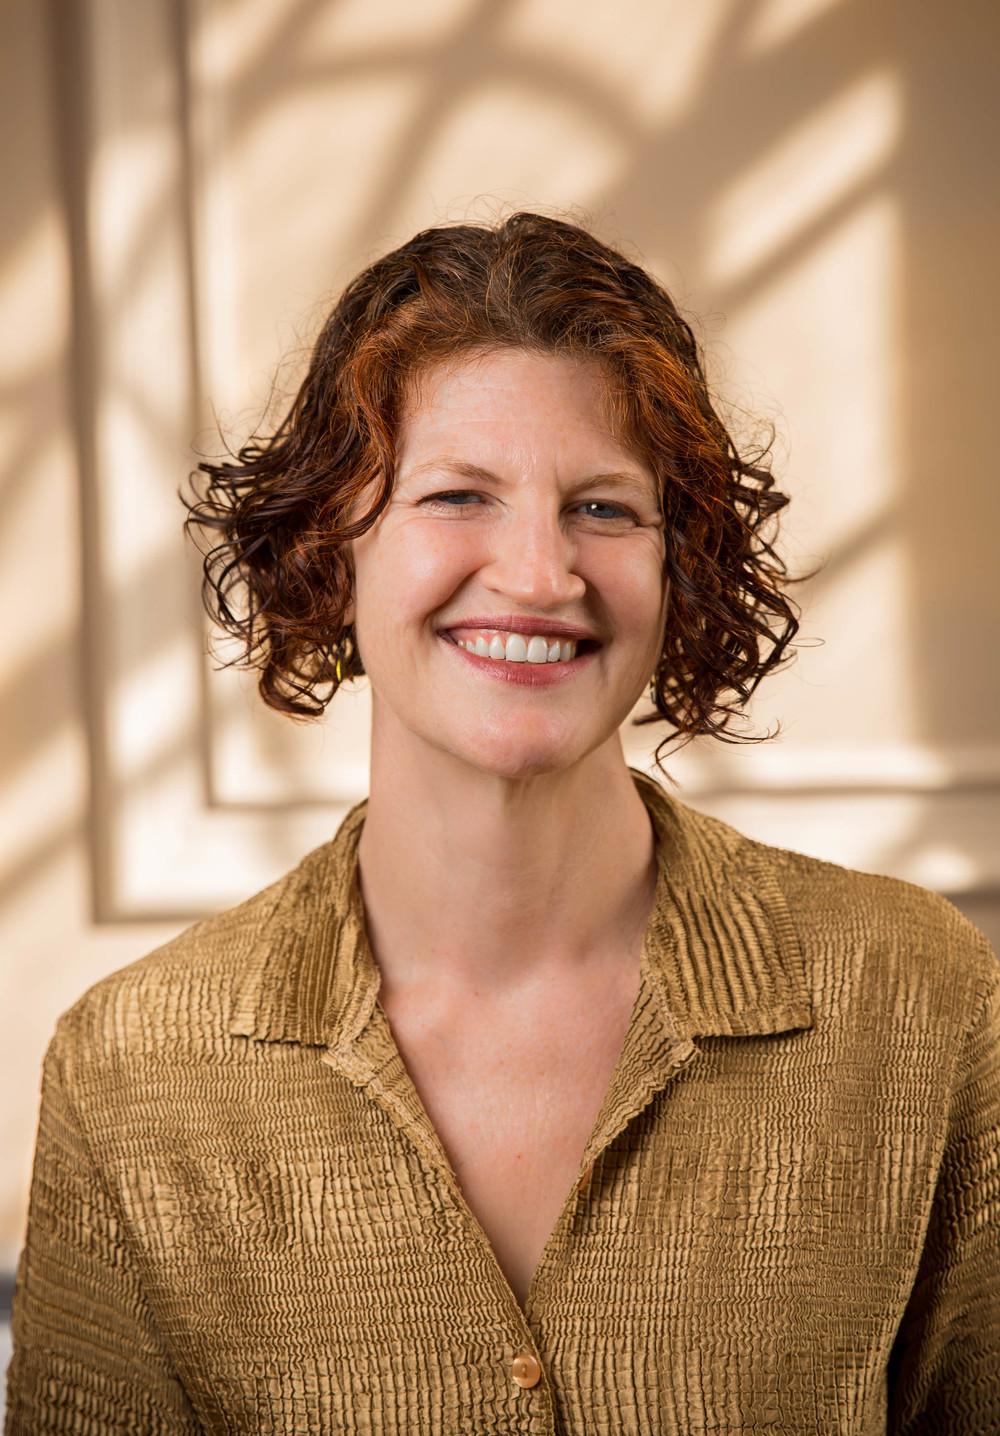 JocelynSwigger color smiling headshot.jpg